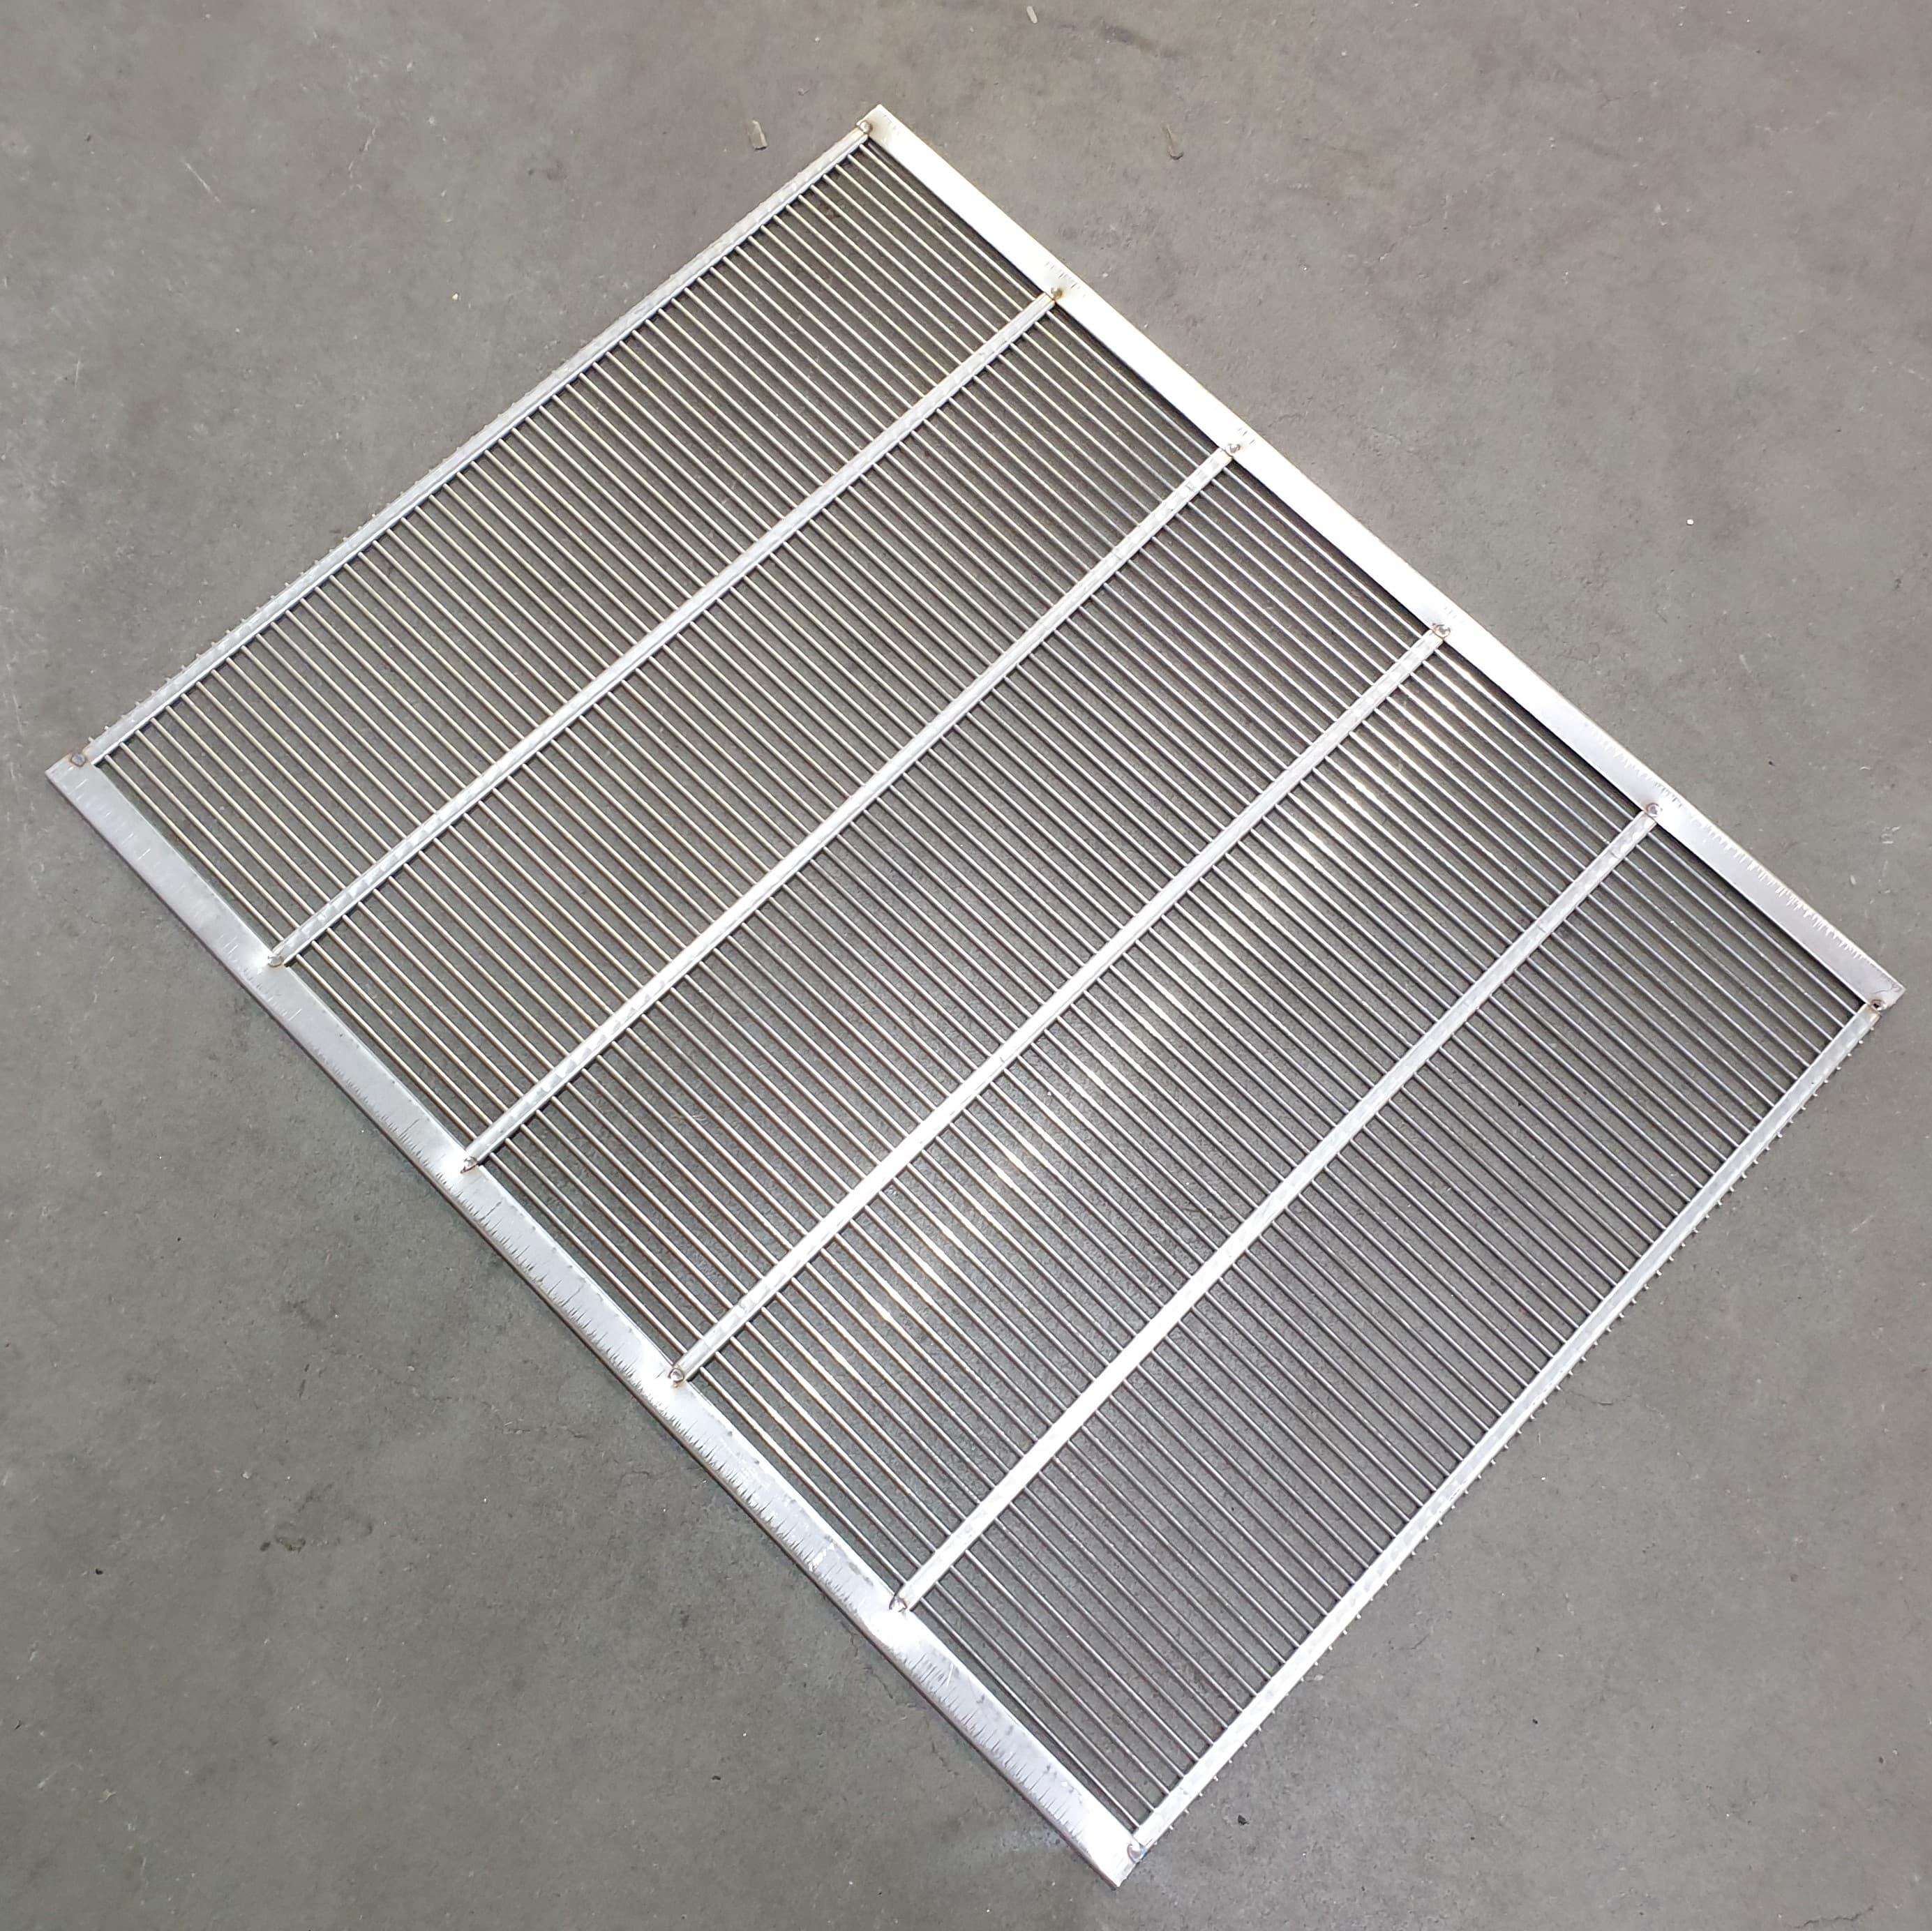 Absperrgitter Metall Edelstahl 500 x 425 mm Frankenbeute, rundum eingefaßt